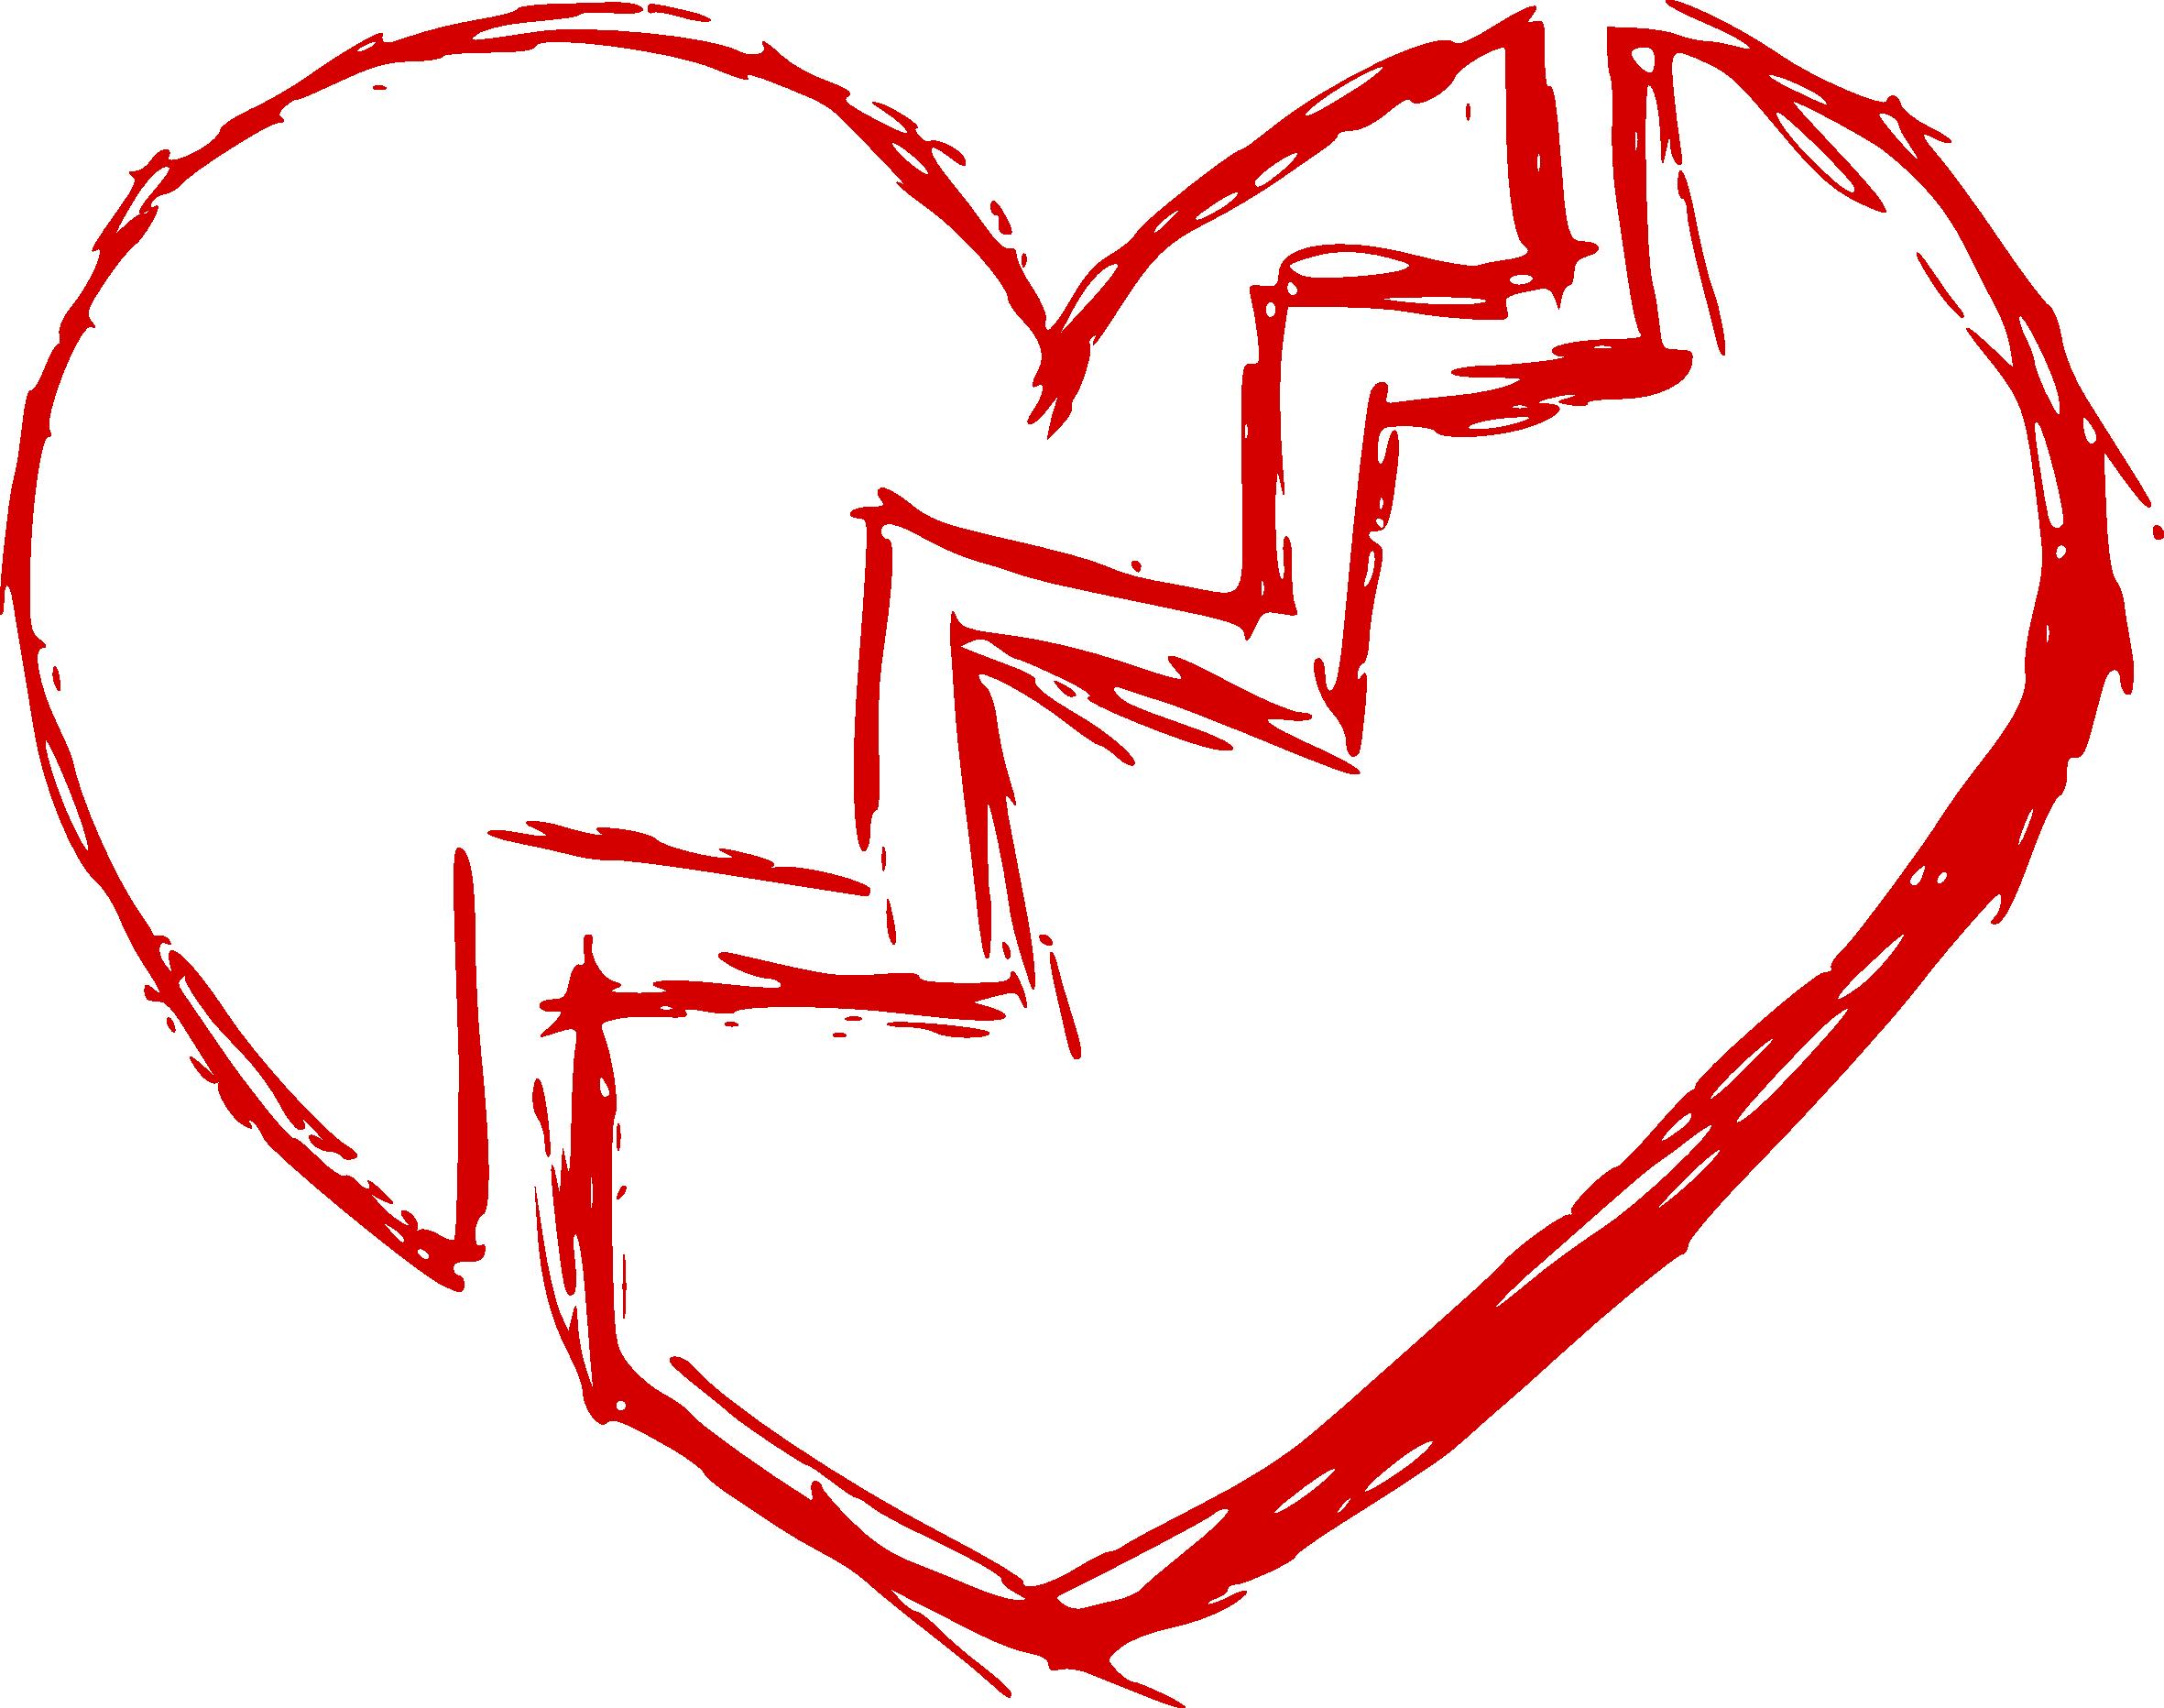 Download Broken Heart PNG Free Download.